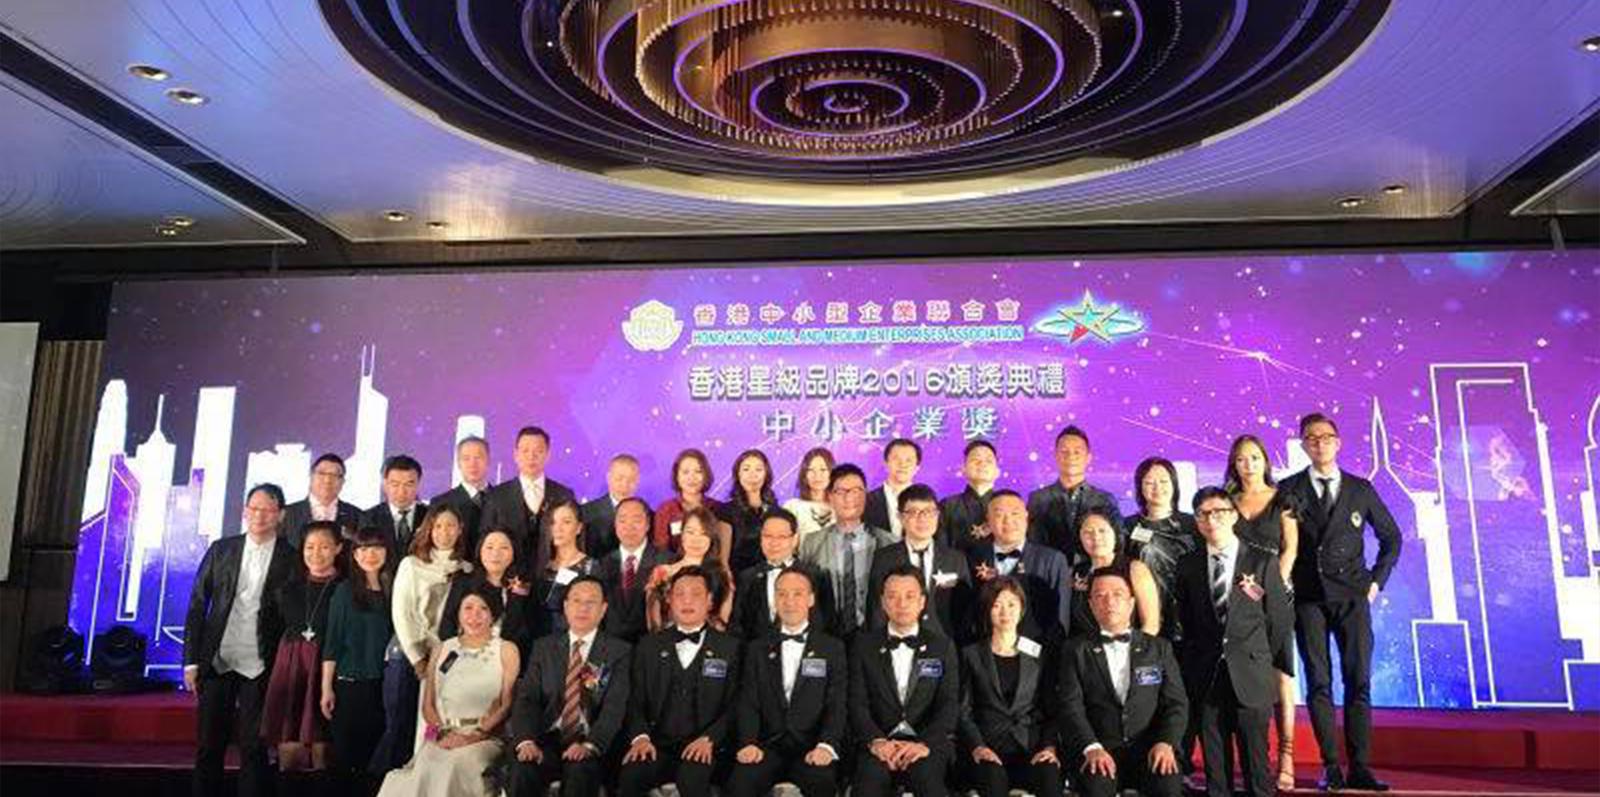 木+木 榮獲香港中小企業聯合會 頒發 星級品牌 大獎